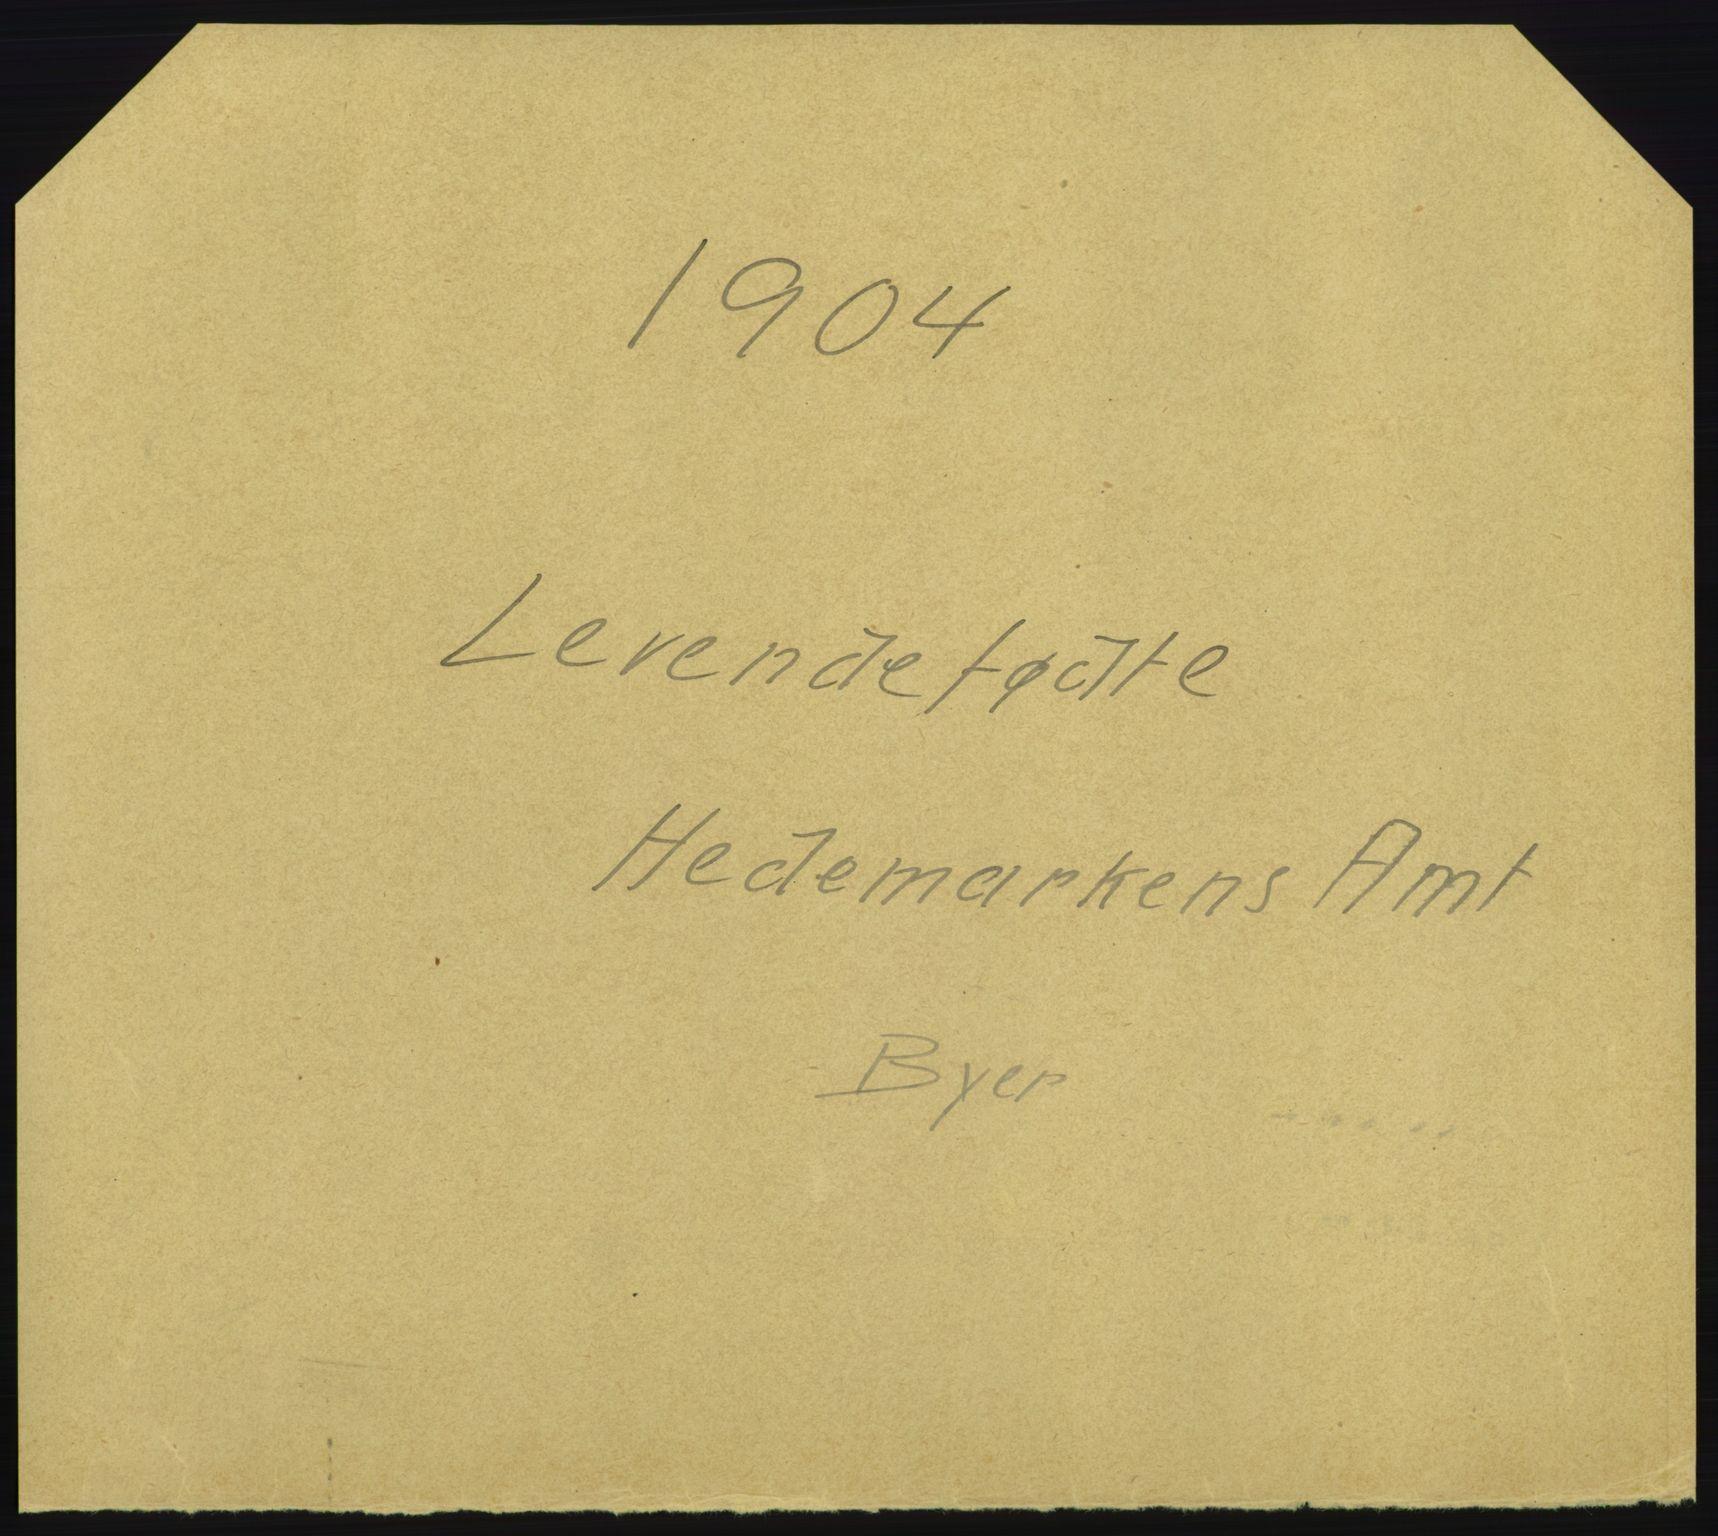 RA, Statistisk sentralbyrå, Sosiodemografiske emner, Befolkning, D/Df/Dfa/Dfab/L0005: Hedemarkens amt: Fødte, gifte, døde, 1904